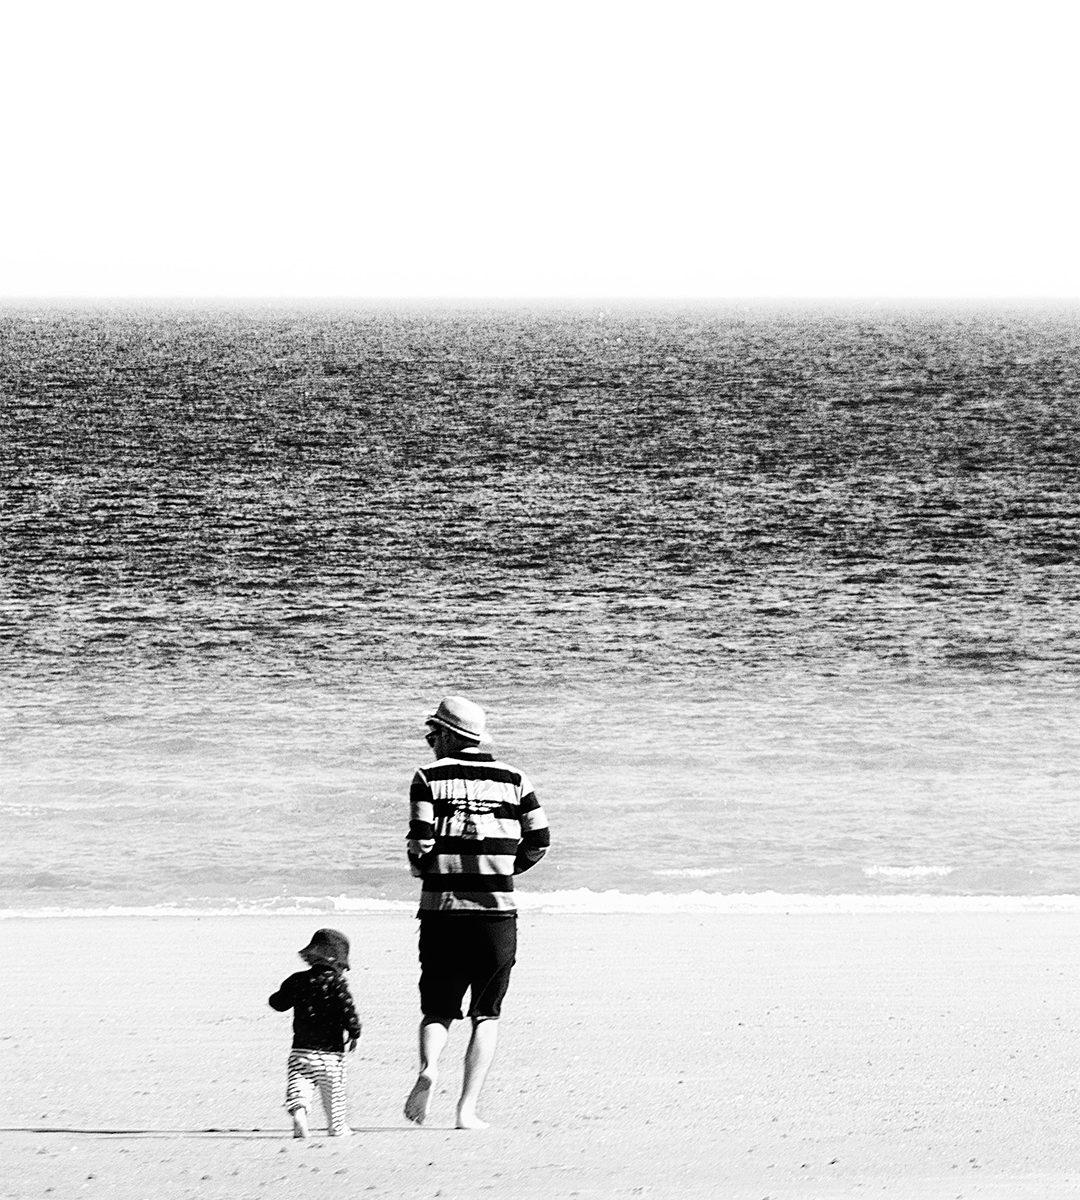 Un père et son enfant courent ensemble sur le sable de la plage vers la mer